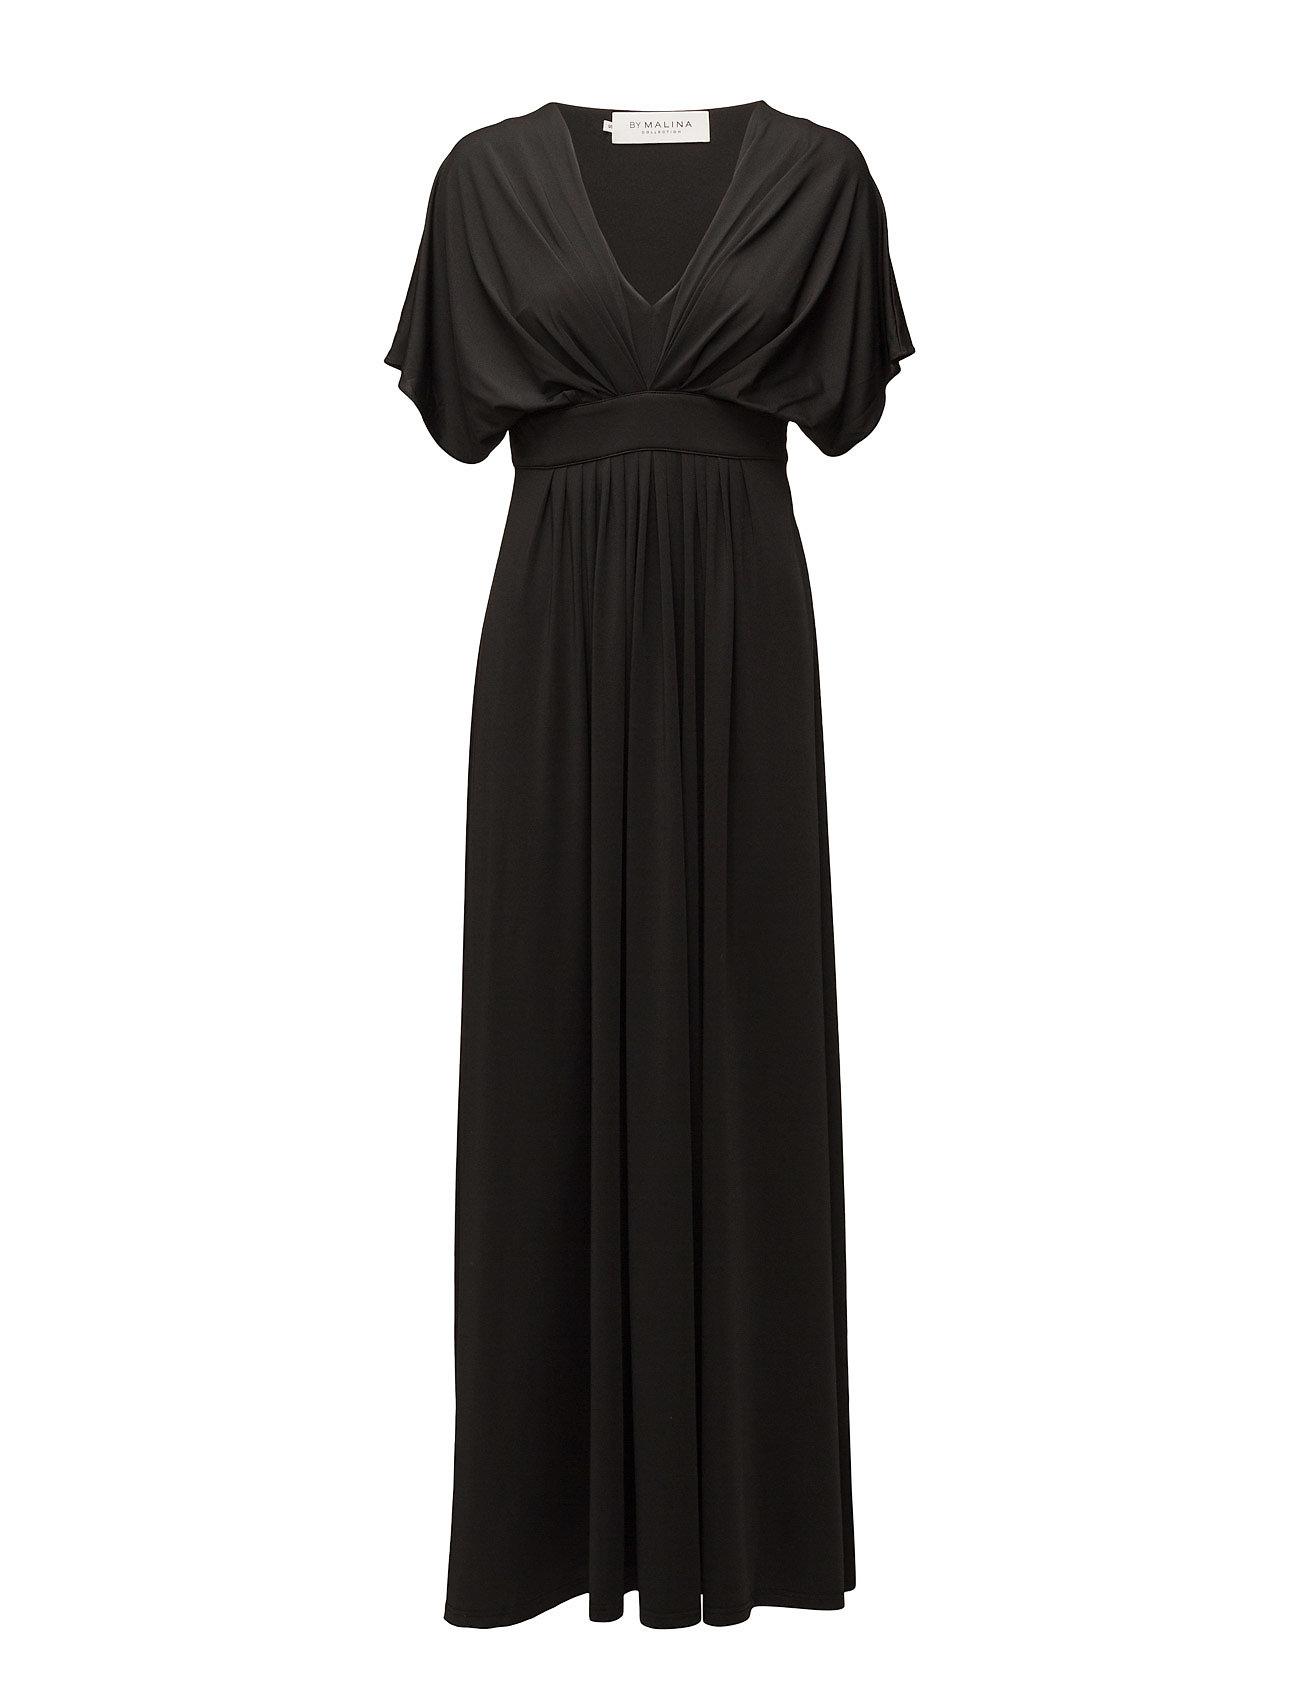 Bree Dress By Malina Kjoler til Kvinder i Sort